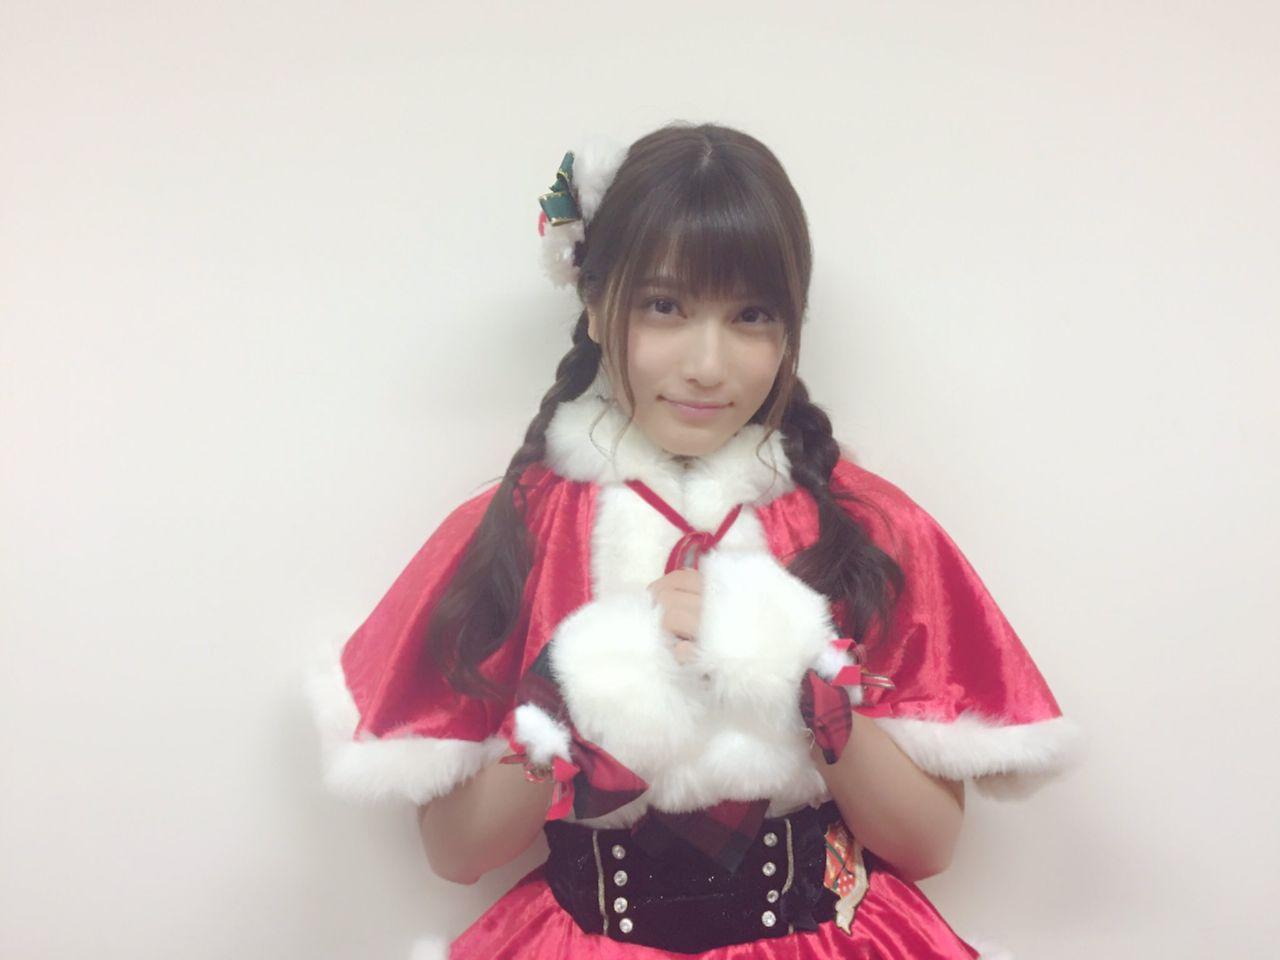 【テレビ】AKB48入山杏奈「イジメがないことにビックリした」